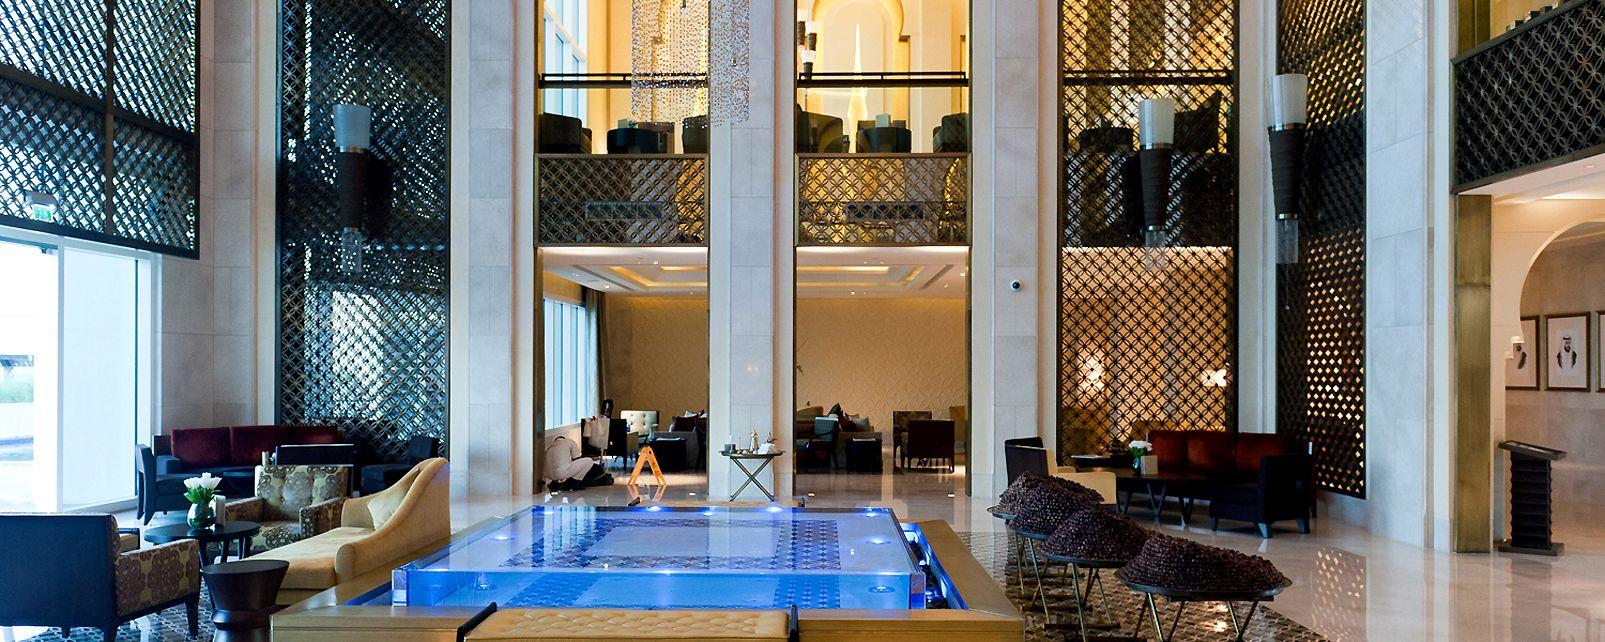 Hôtel Eastern Mangroves by Anantara